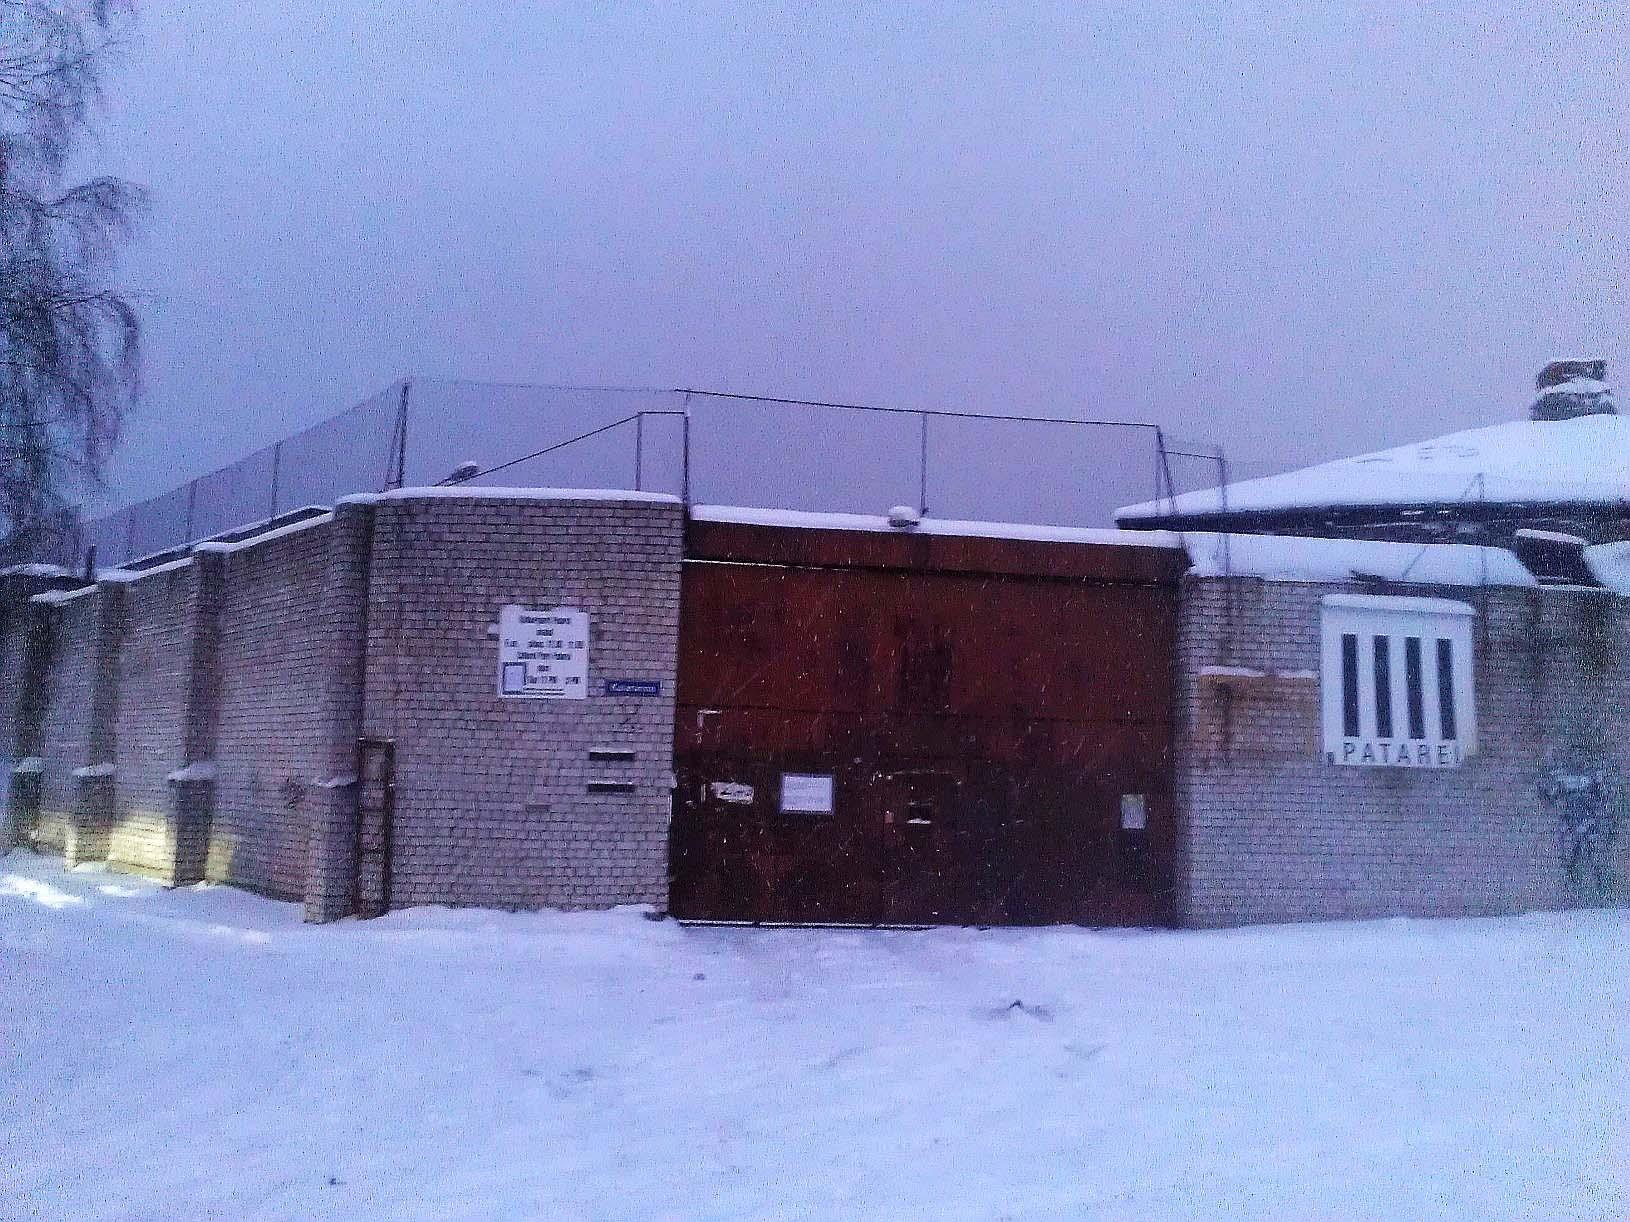 Więzienie Patarei - co zobaczyć w Tallinie? Ja mówię TO - https://jamowie.to